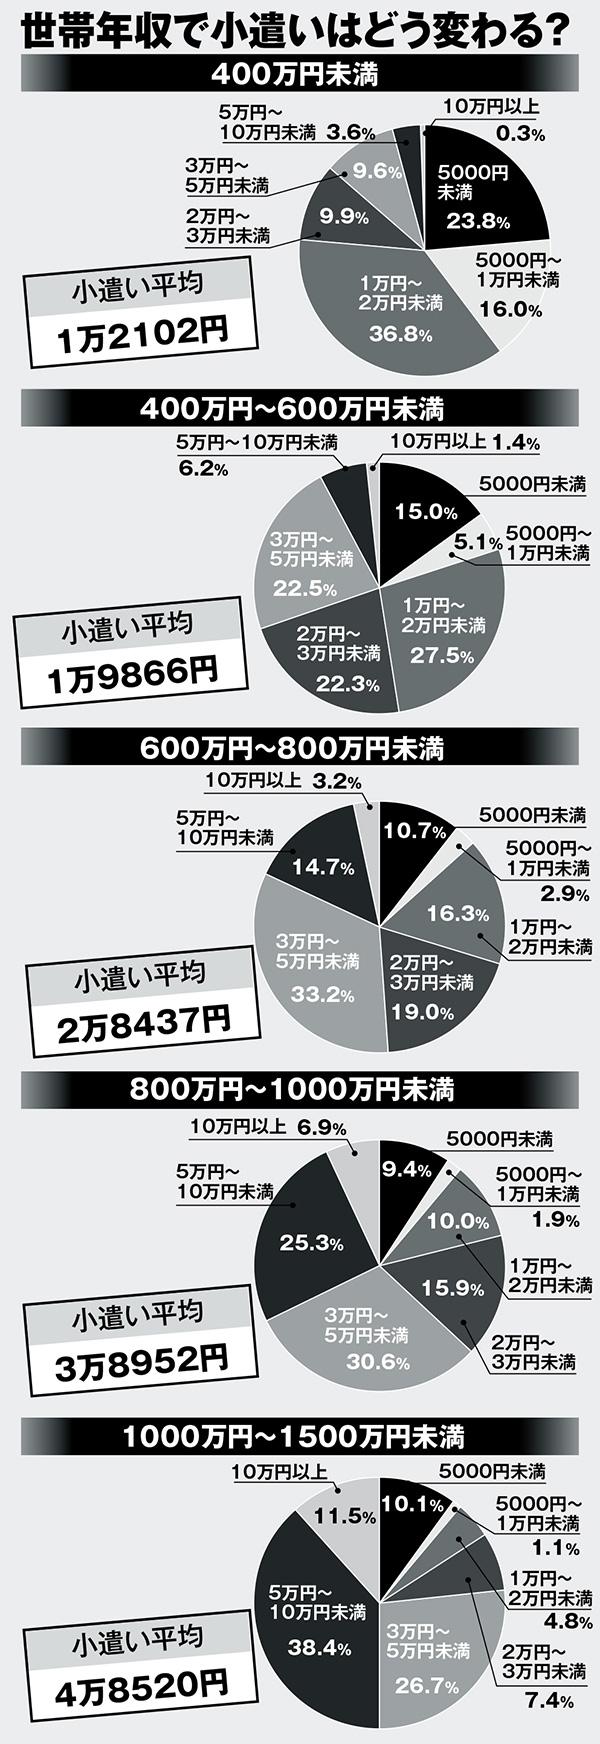 年収 フジ テレビ アナウンサー